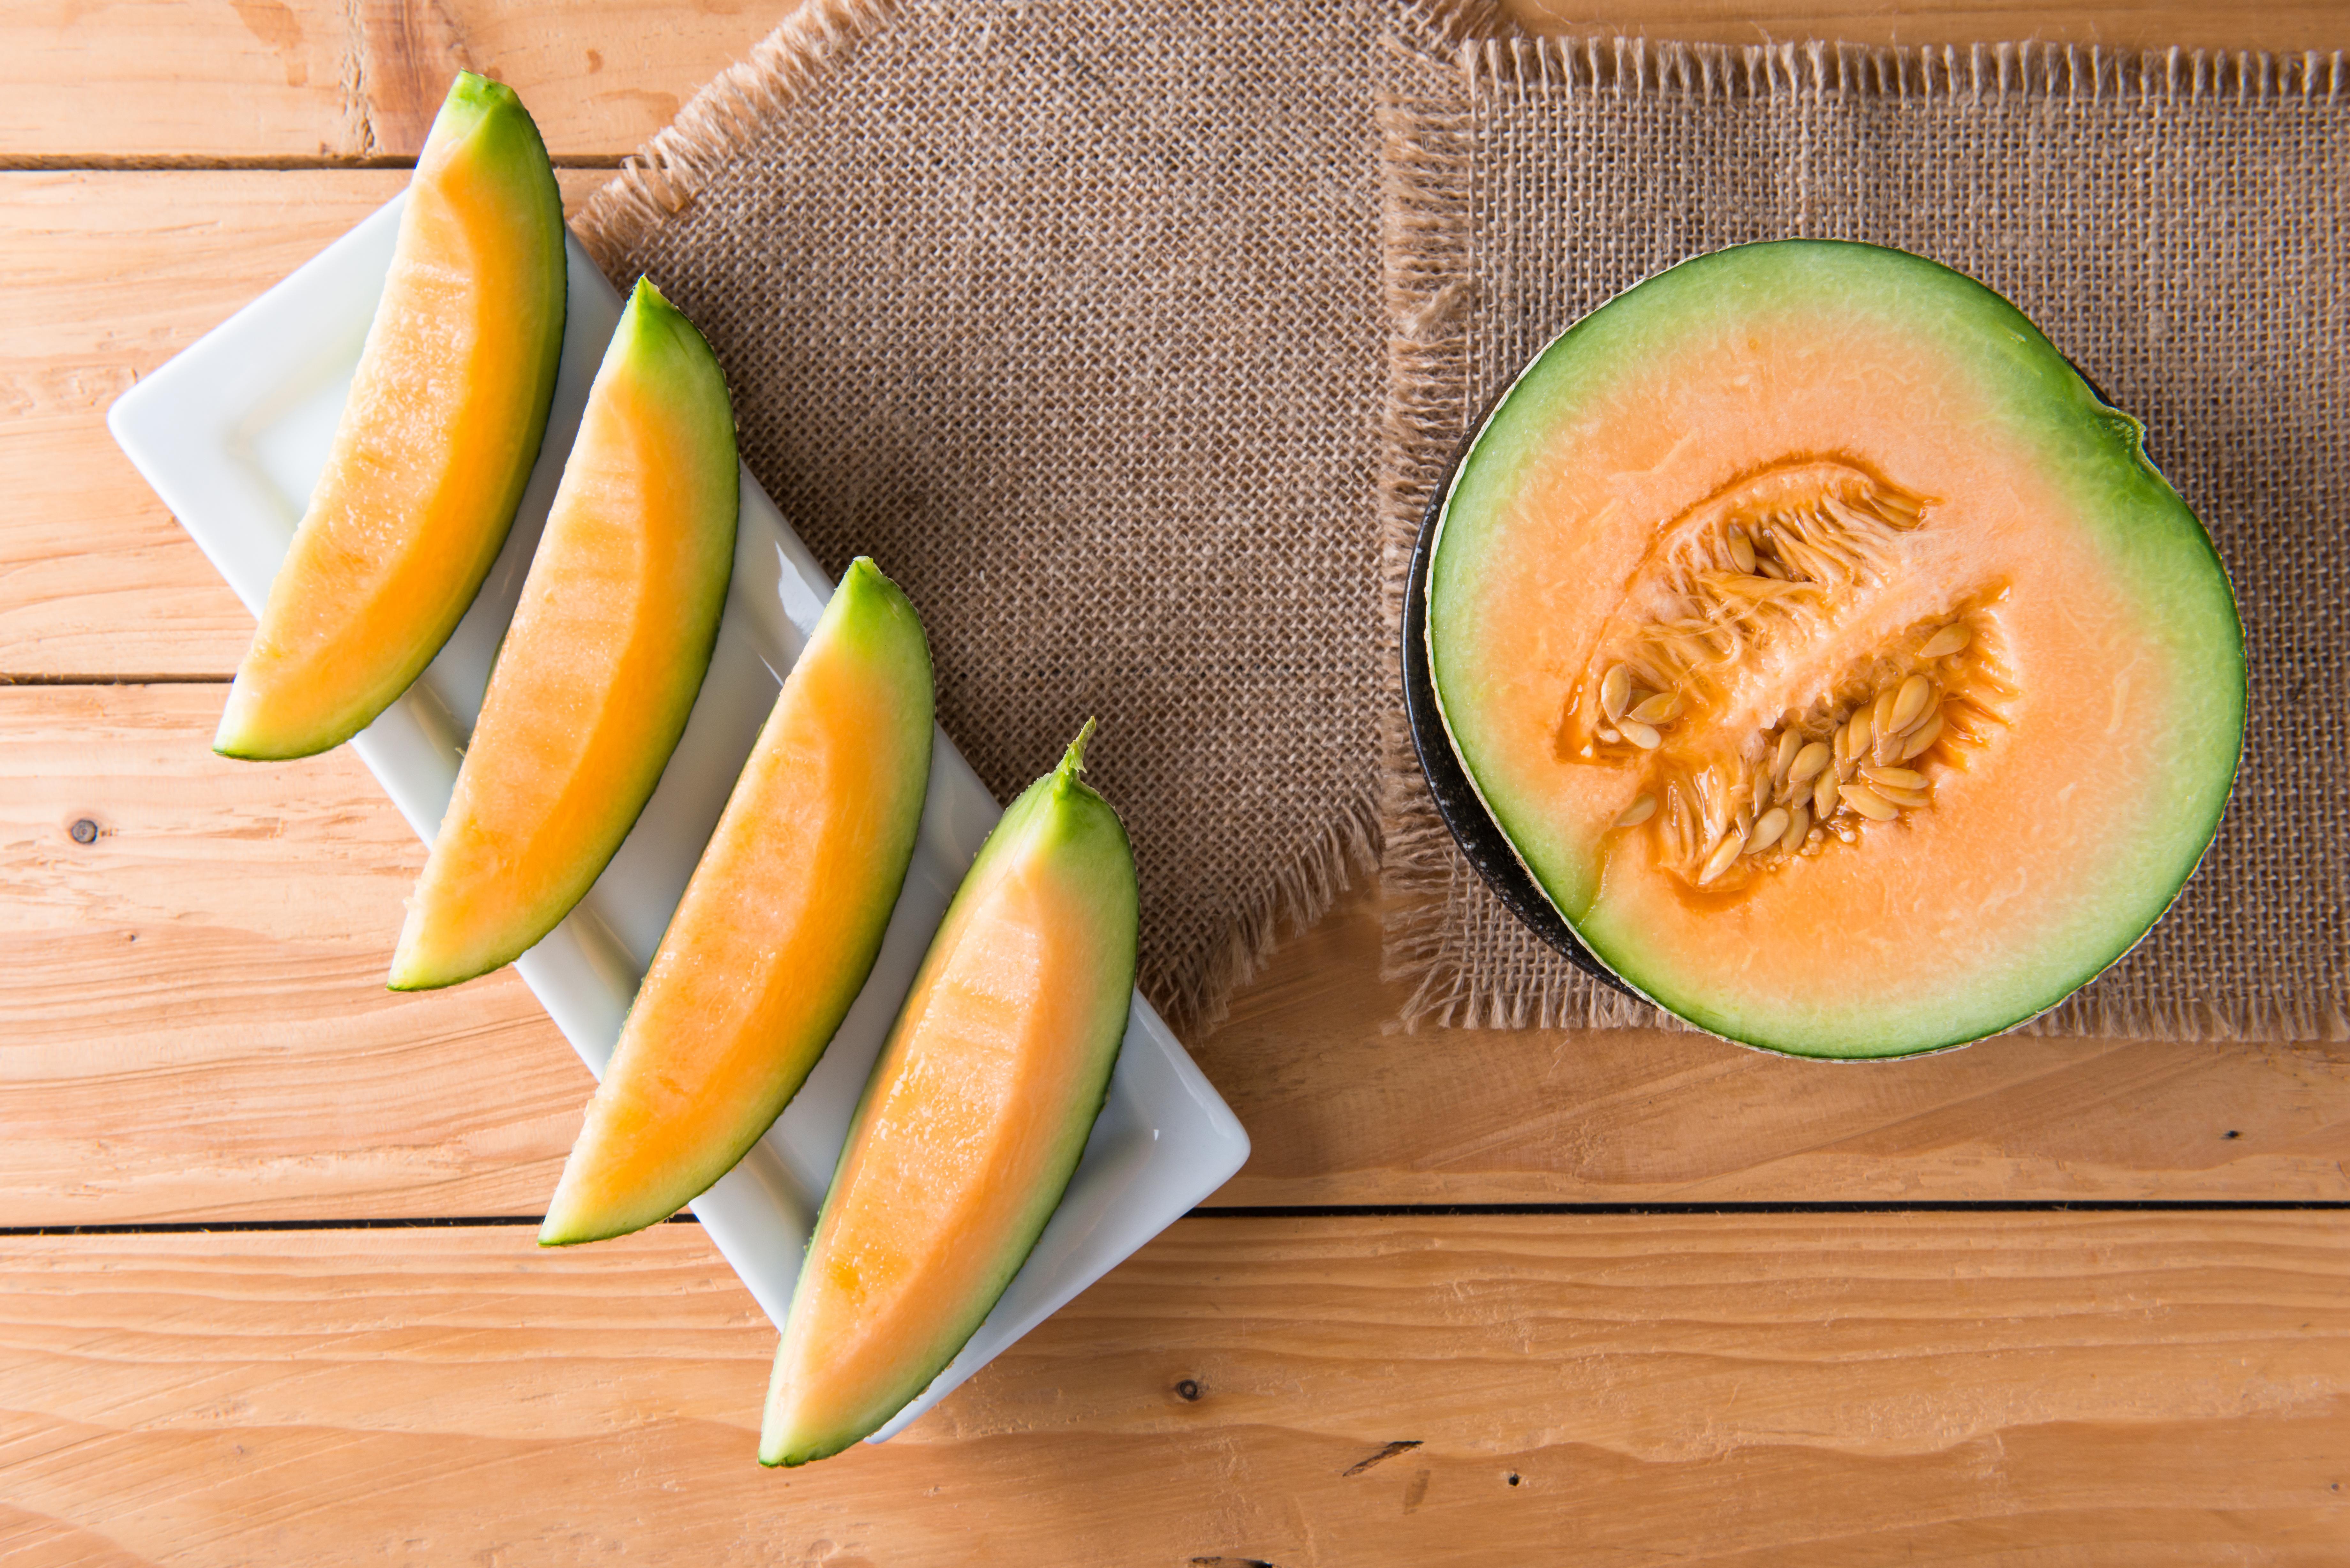 Do Cantaloupes Have Carbohydrates Cantaloupe, dubai, united arab emirates. https healthyeating sfgate com cantaloupes carbohydrates 4975 html